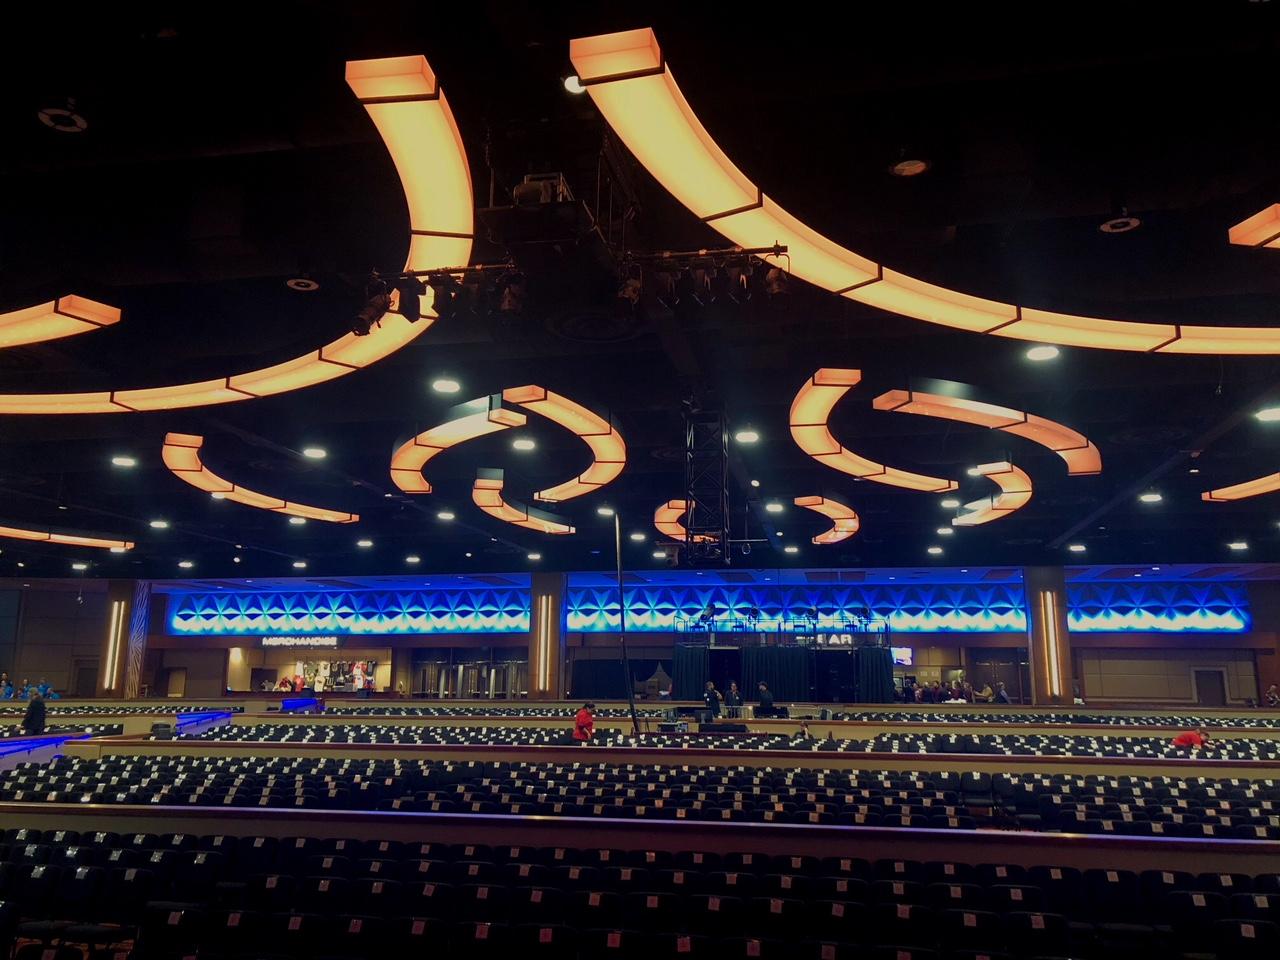 Soaring Eagle Casino - Michigan